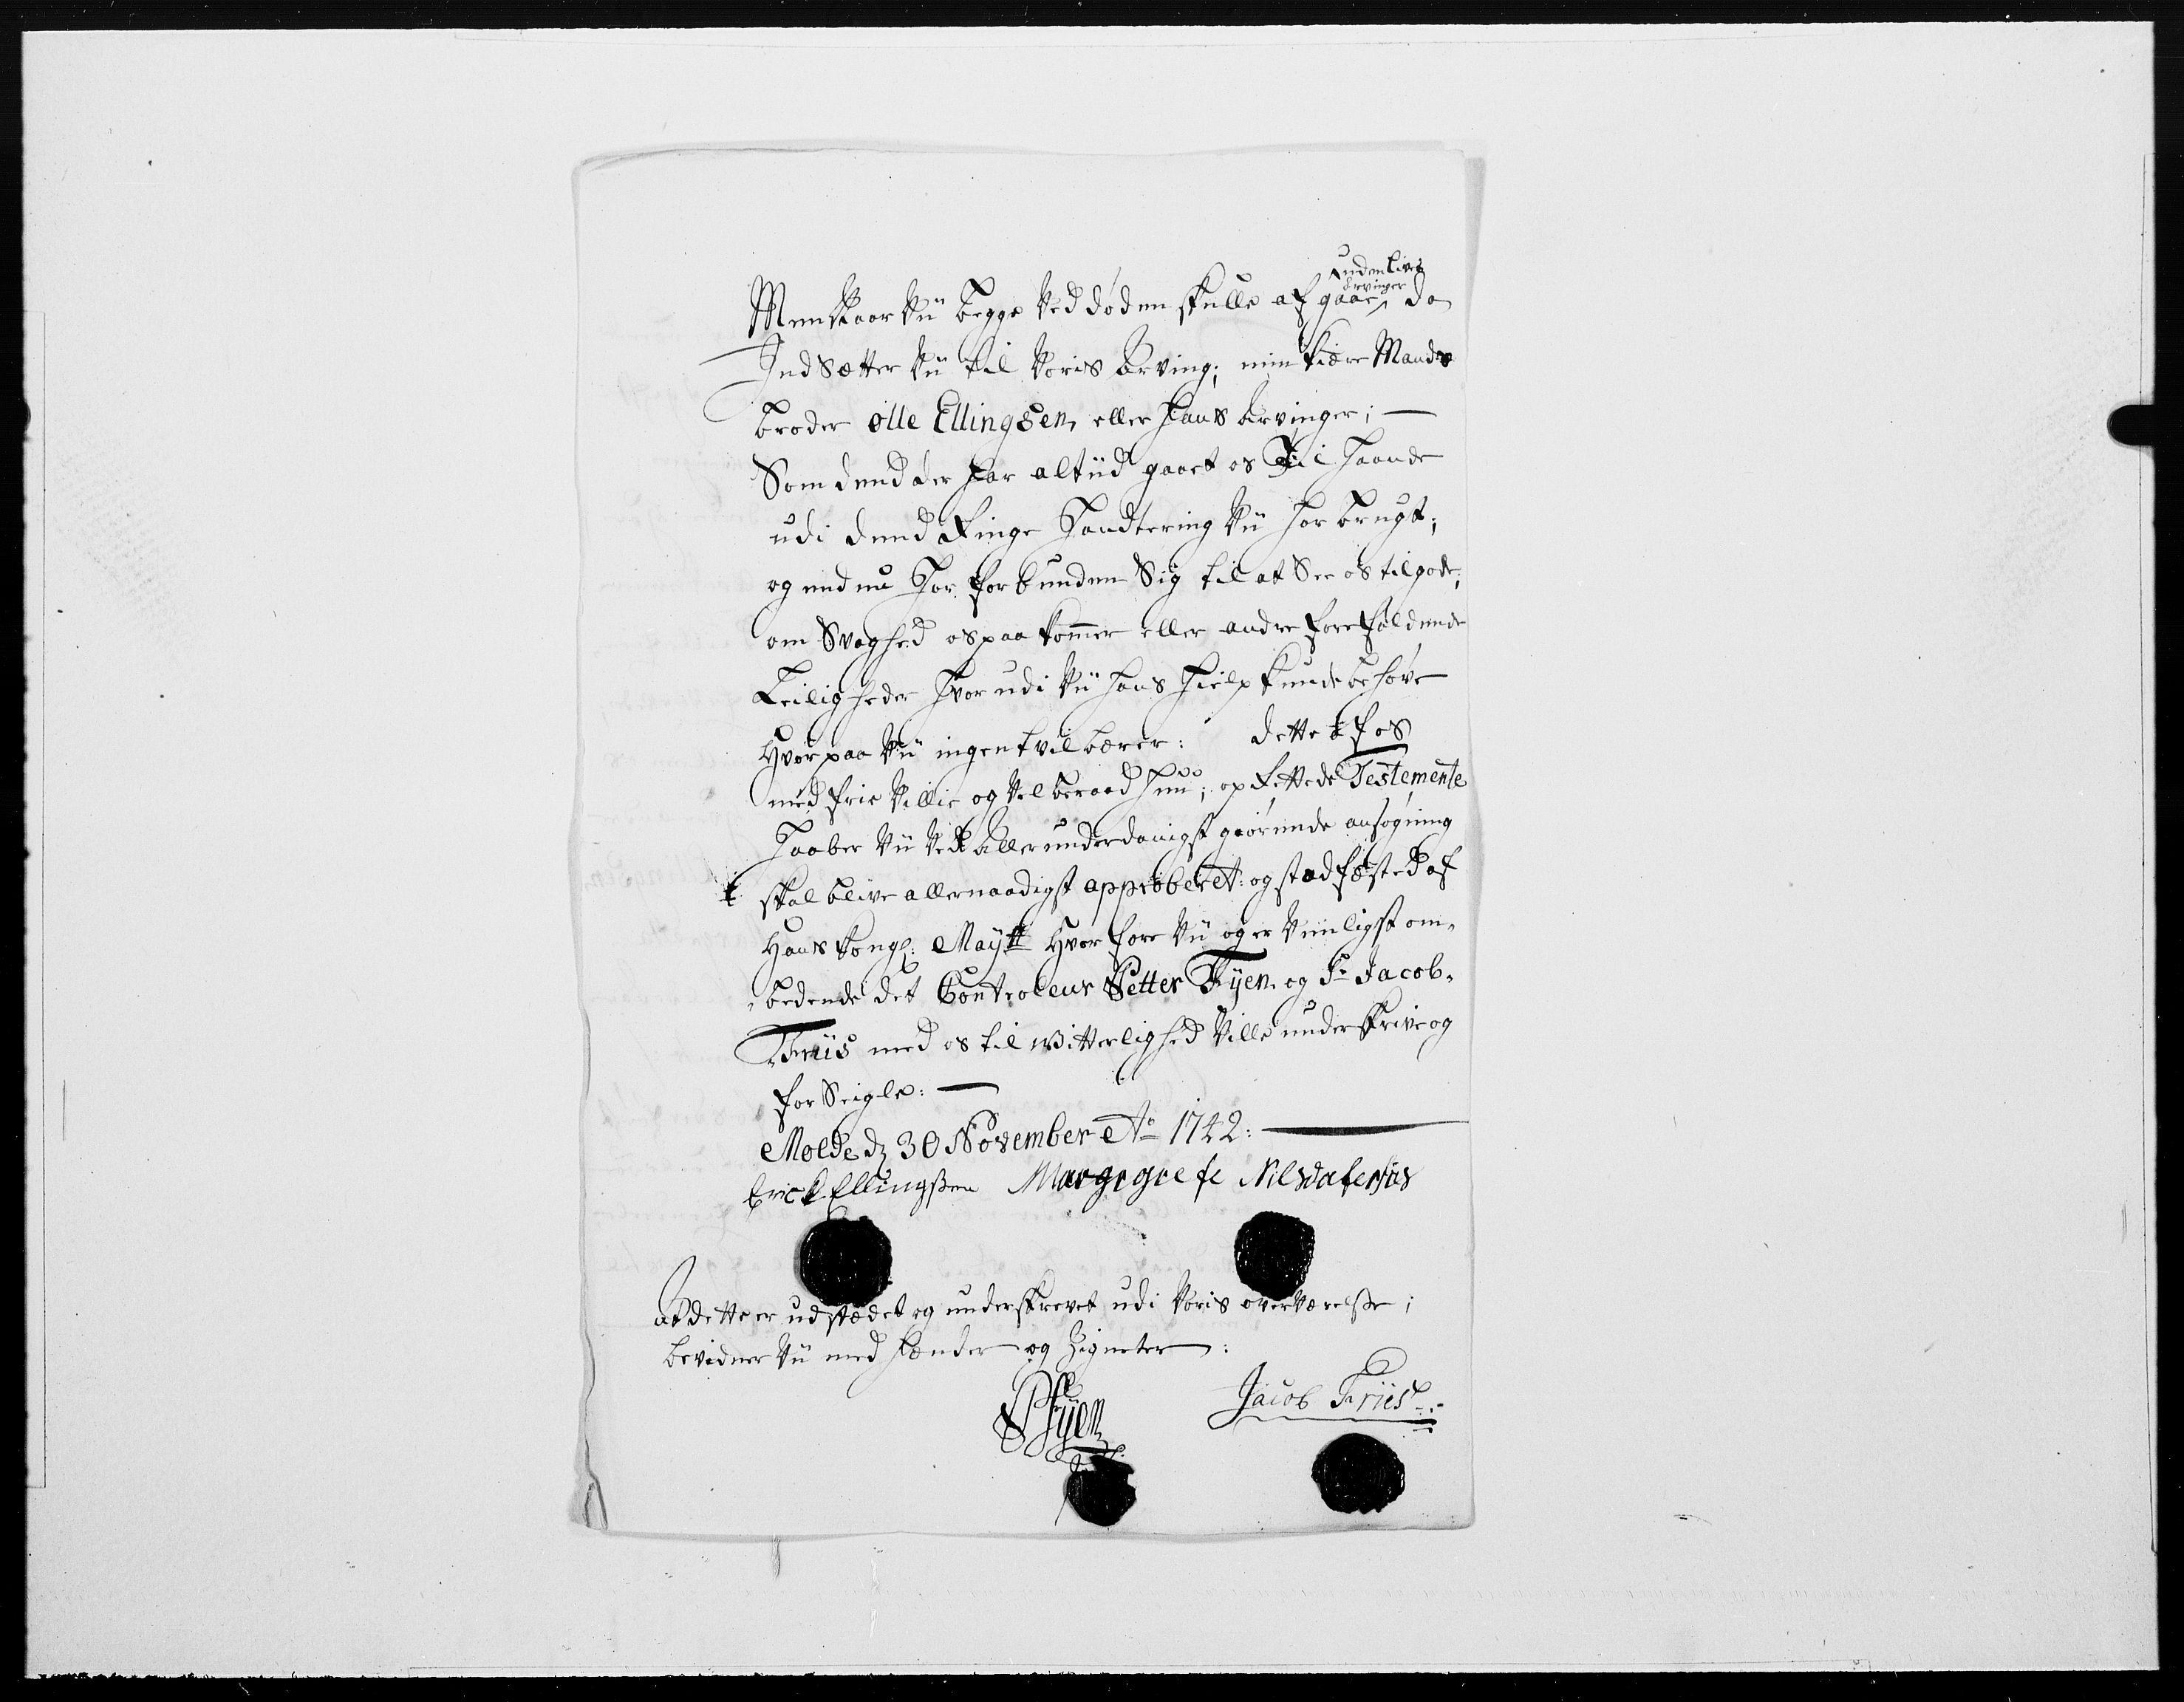 RA, Danske Kanselli 1572-1799, F/Fc/Fcc/Fcca/L0137: Norske innlegg 1572-1799, 1743, p. 30